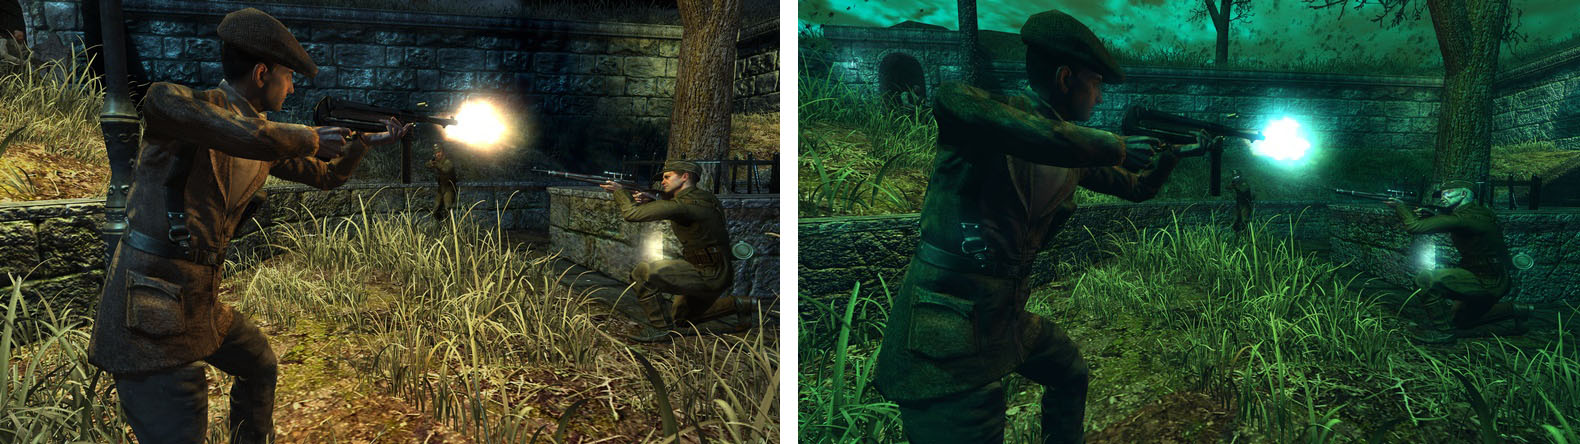 Para Comentar: Nuevas screenshots de Wolfenstein muestran dimensión paralela y al Dr. Wolfito